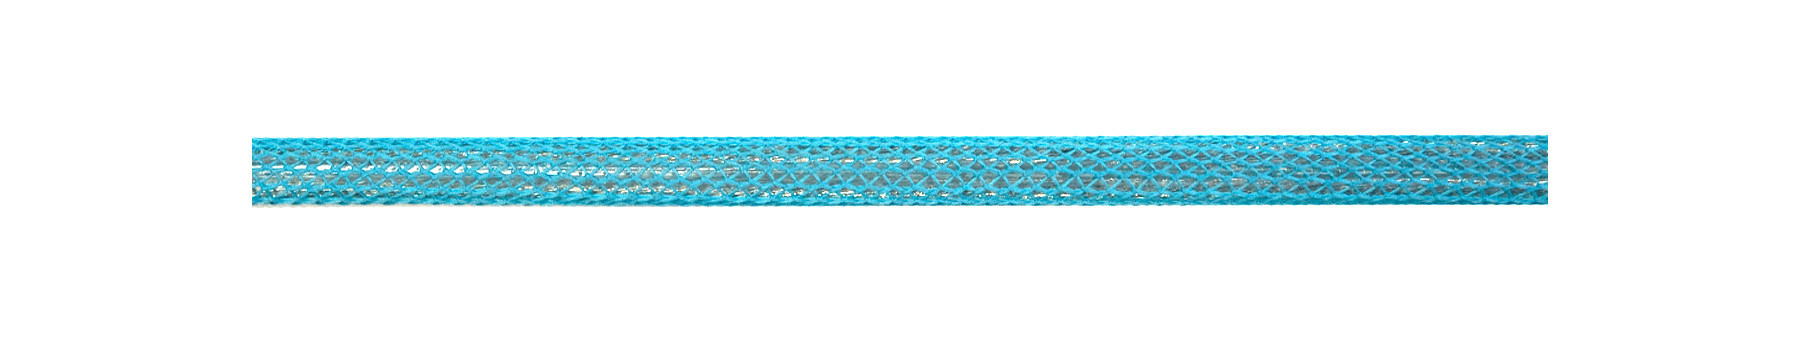 Textilkabel Türkis Netzartiger Textilmantel